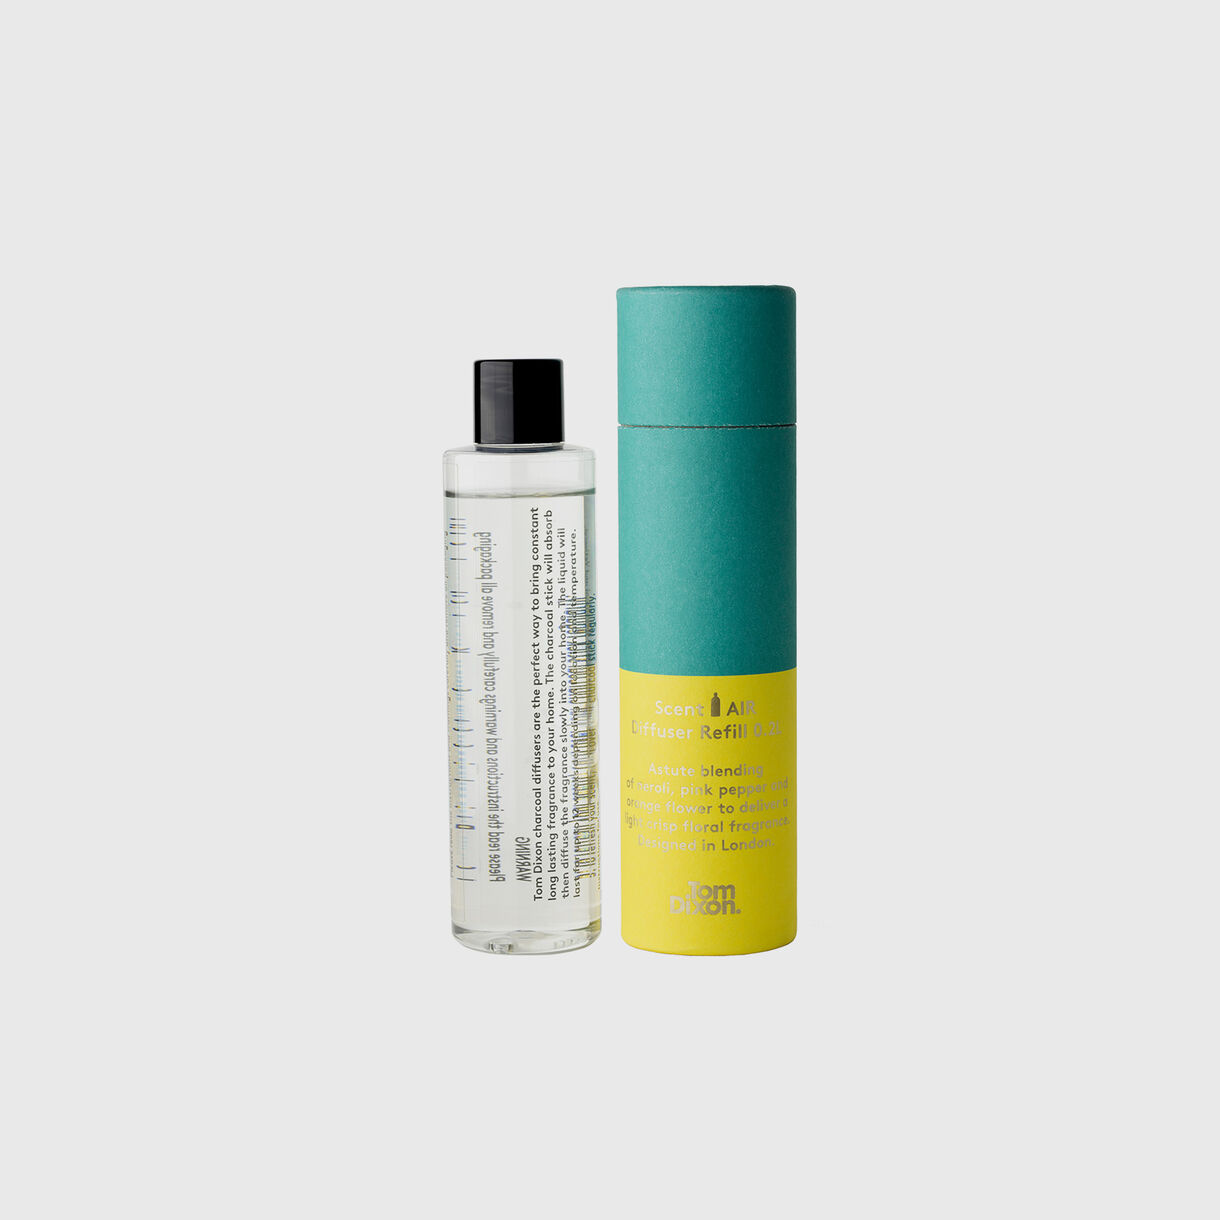 Elements Air Diffuser Refill